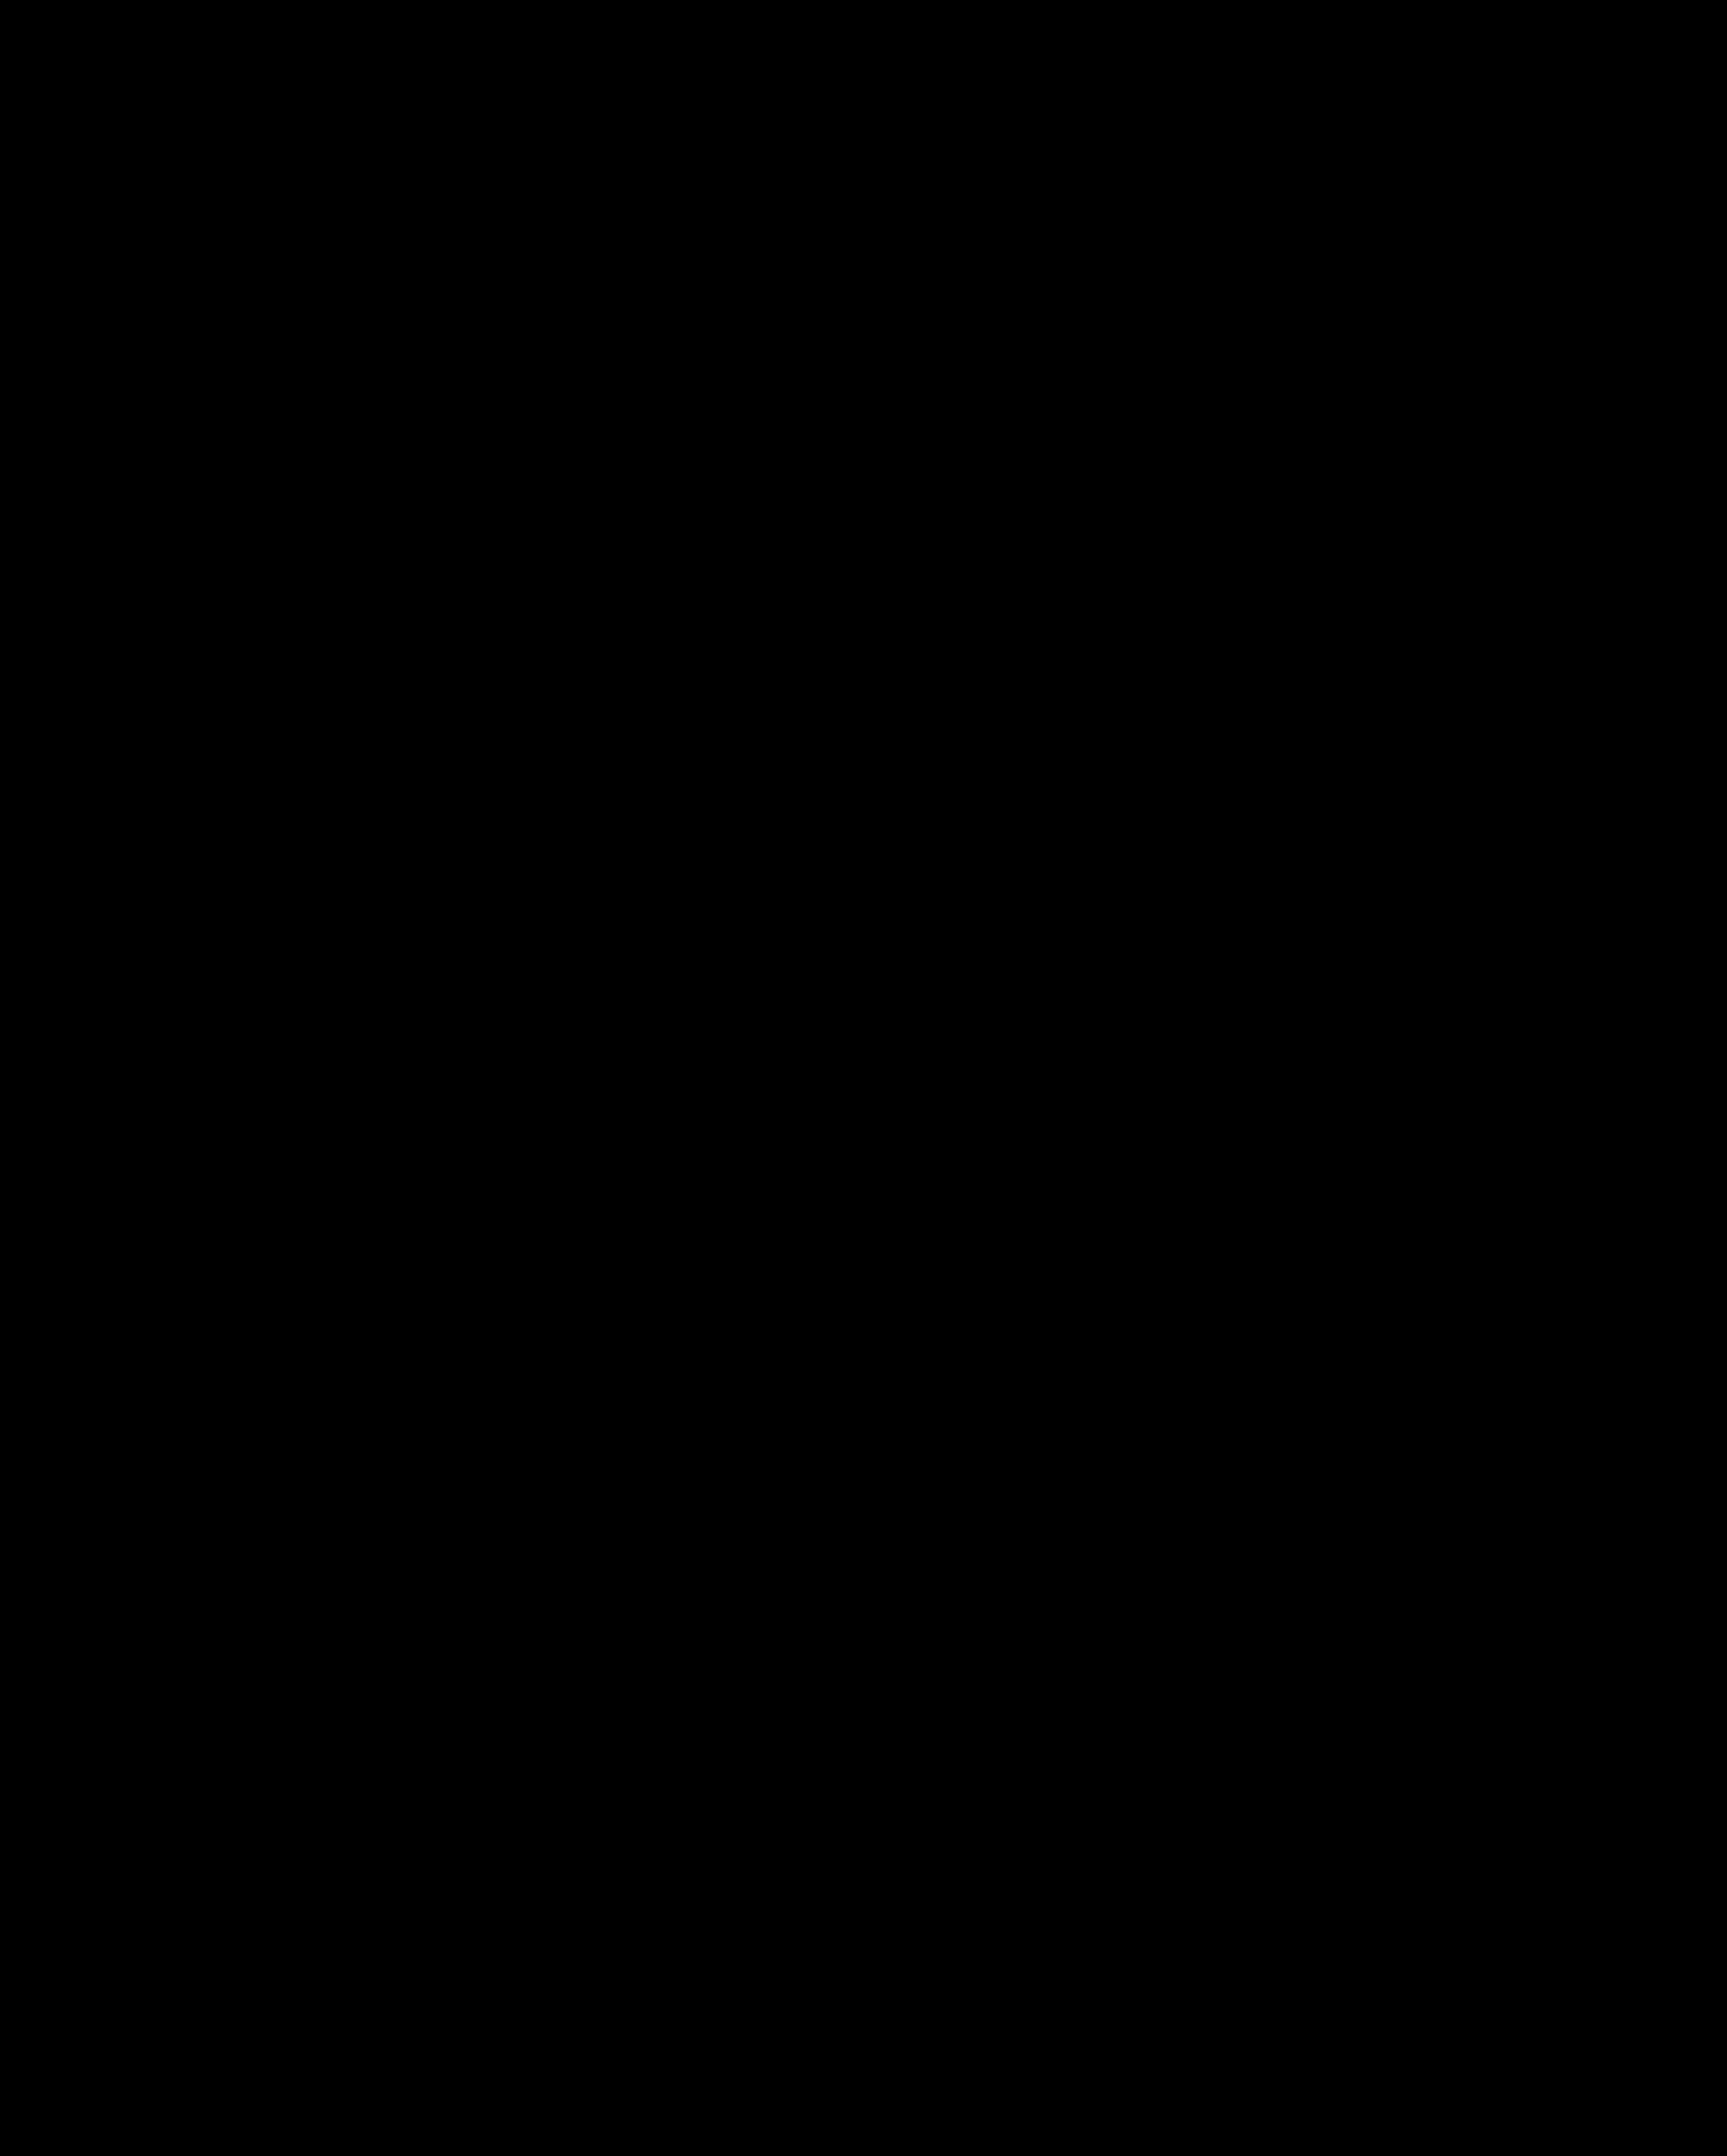 Moe (South Street) Primary School